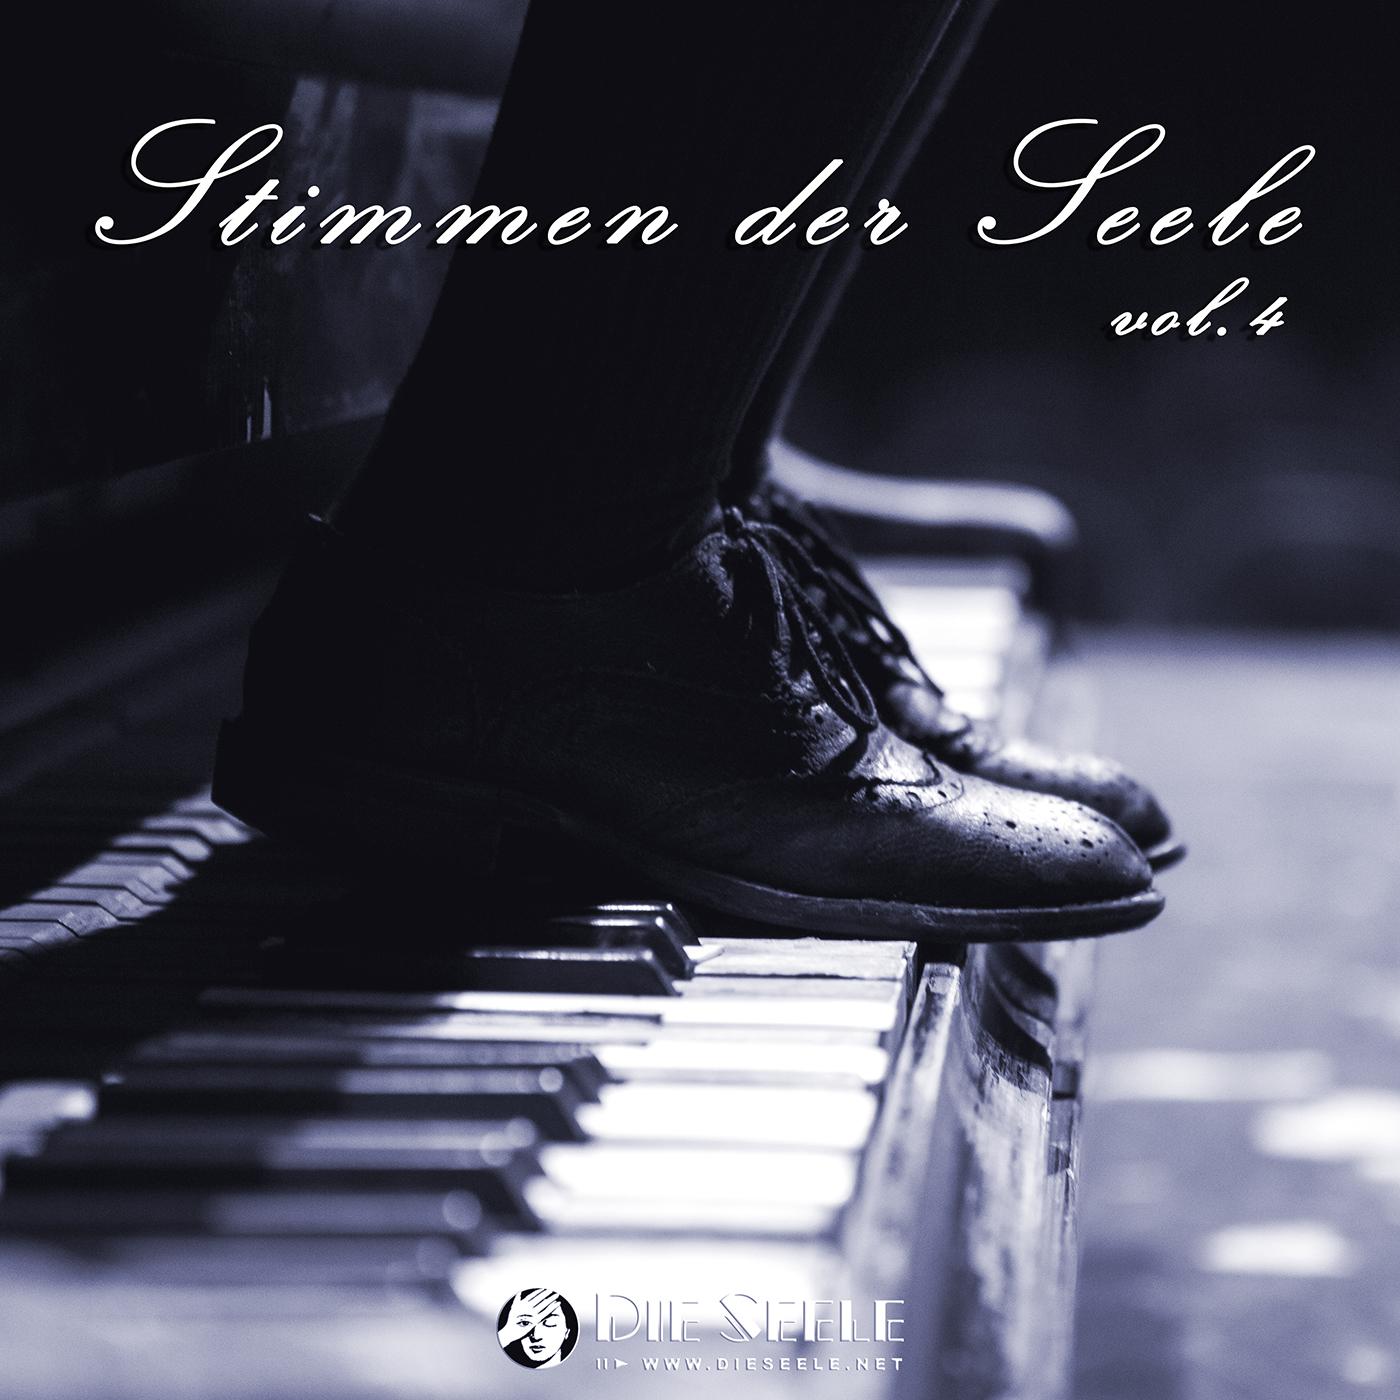 Stimmen Der Seele vol.4